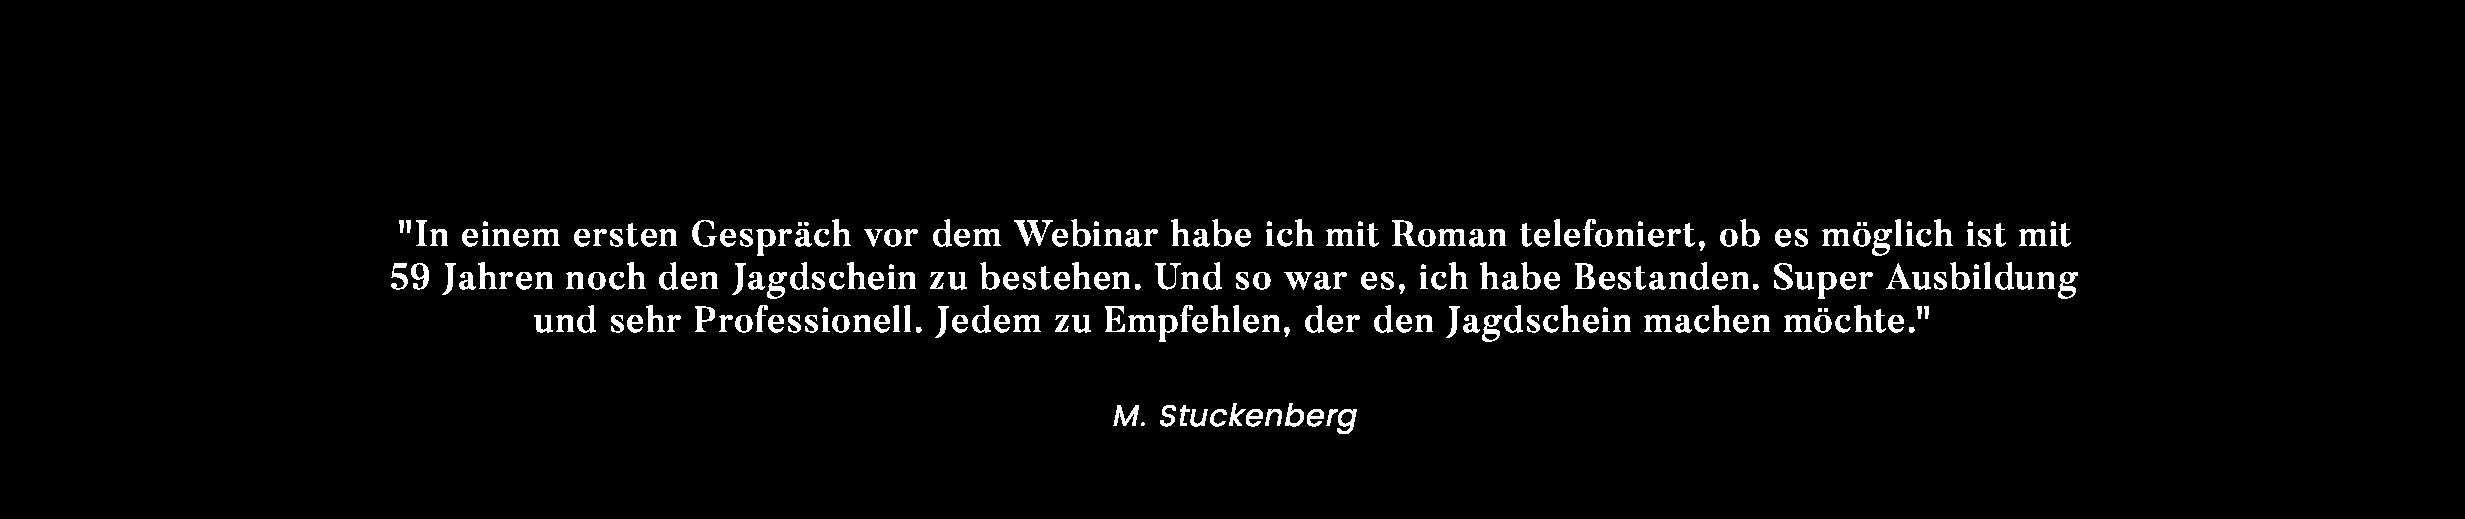 Stuckenberg